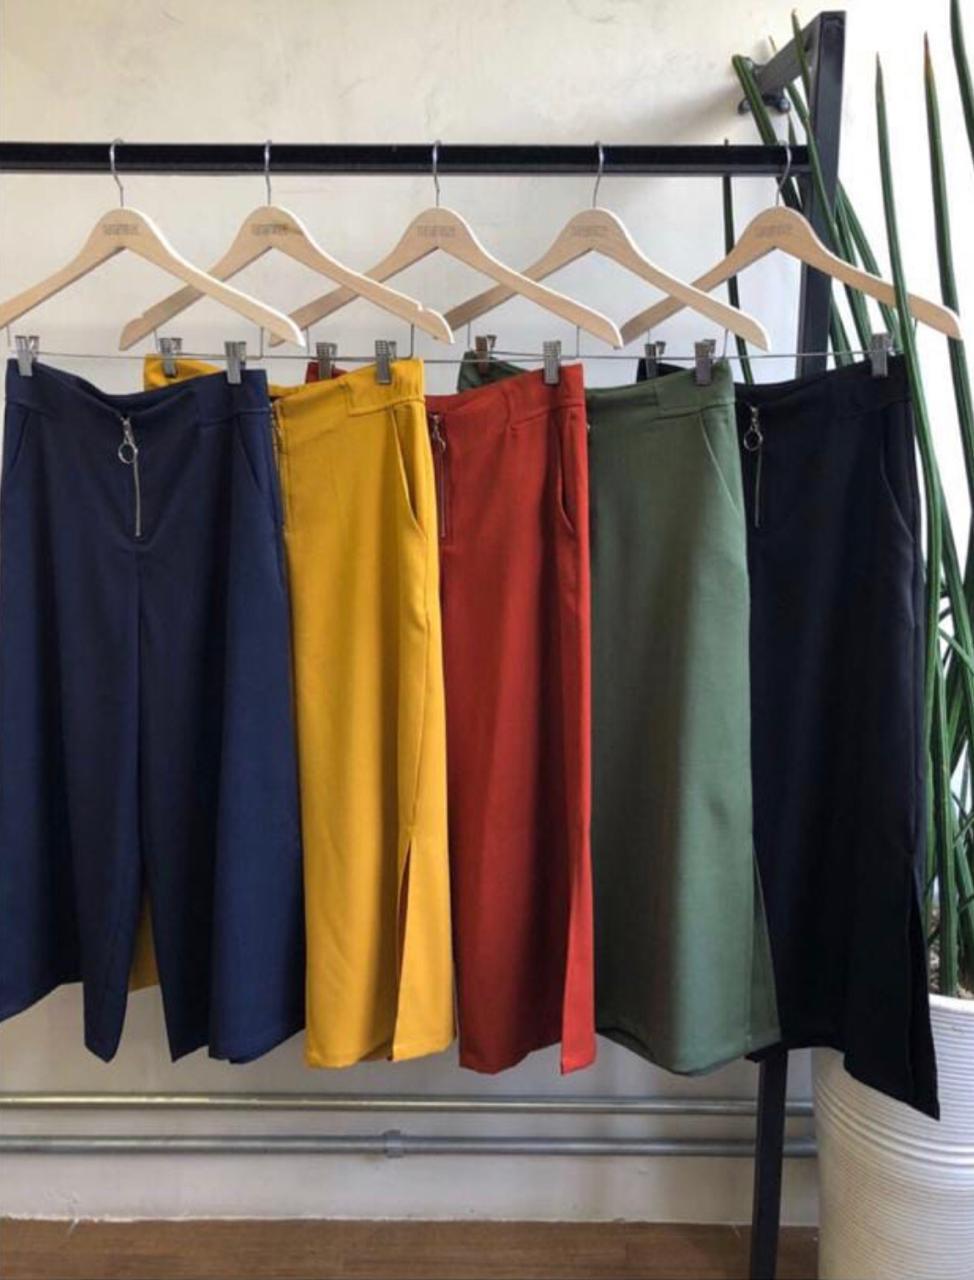 Calça Gloria Pantacourt Viscolinho 1% Elastano Cores Mostarda,Verde, Preto, Marinho e Telha